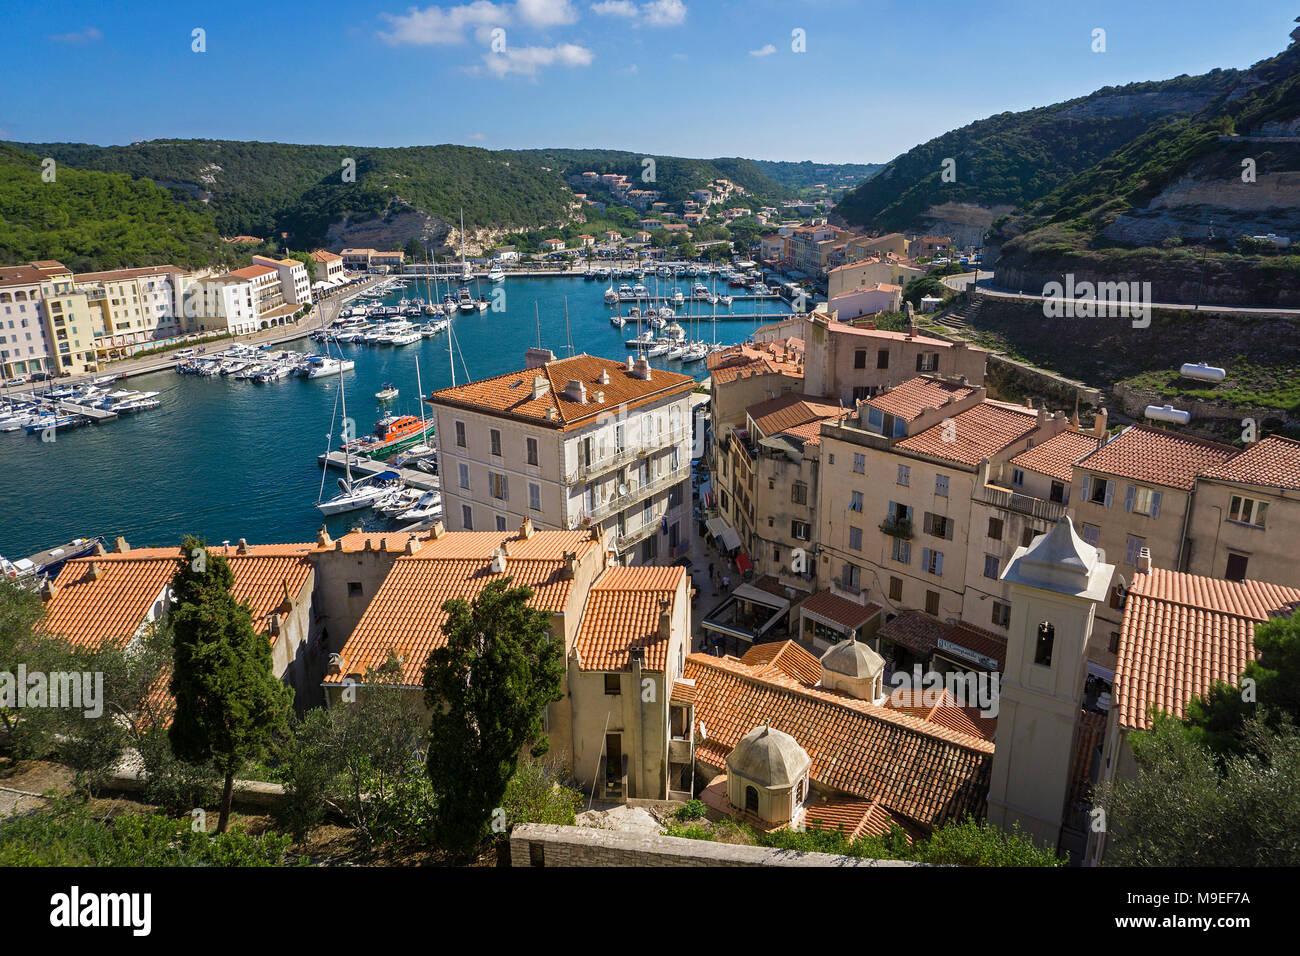 Fischerei- und Yachthafen von Bonifacio, Korsika, Frankreich, Mittelmeer, Europa Stockbild